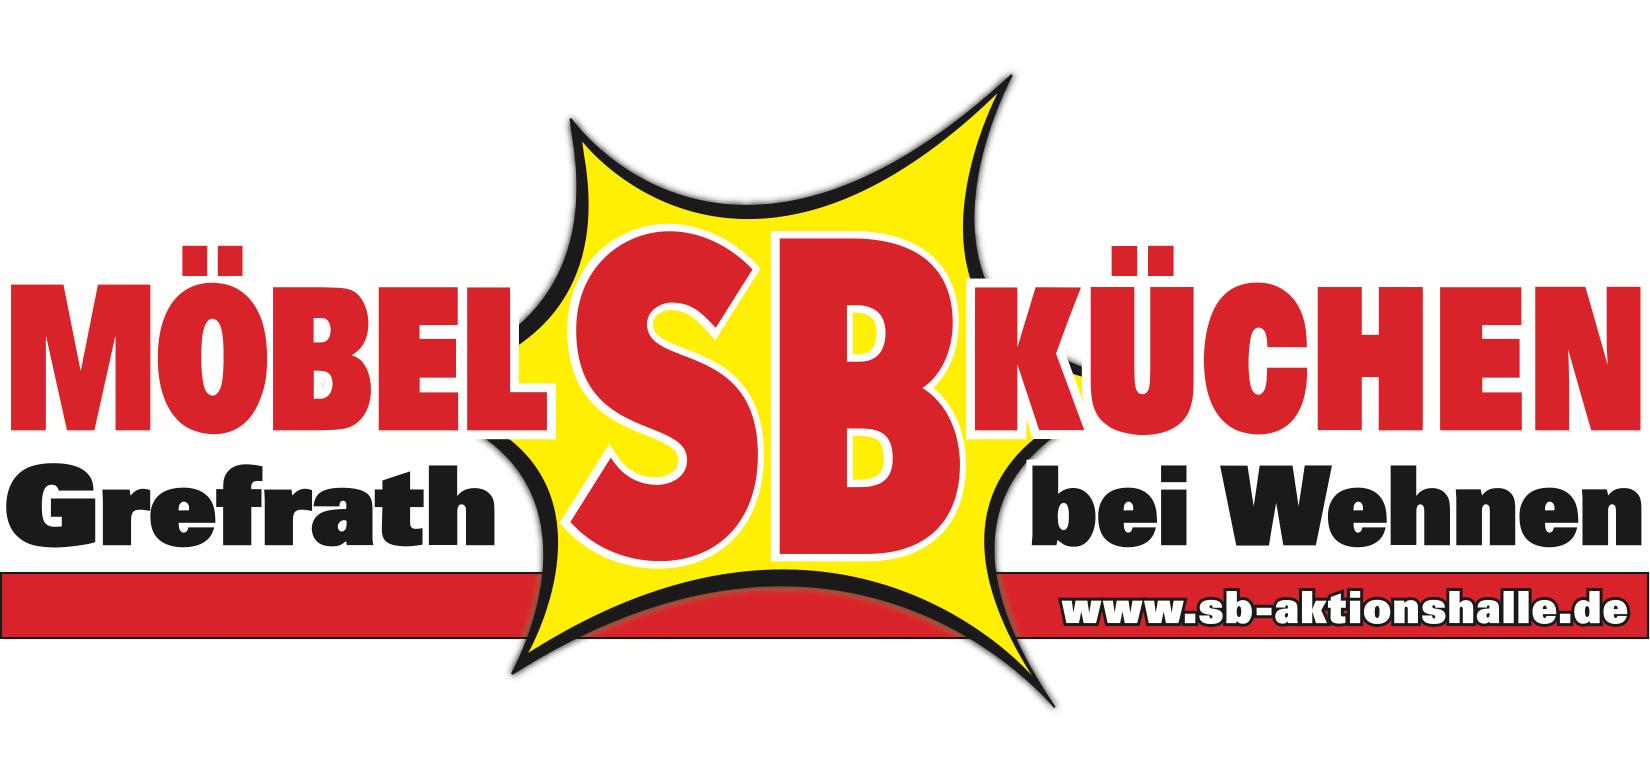 Offnungszeiten Von Mobel Sb Aktionshalle Wehnen Gmbh Co Kg